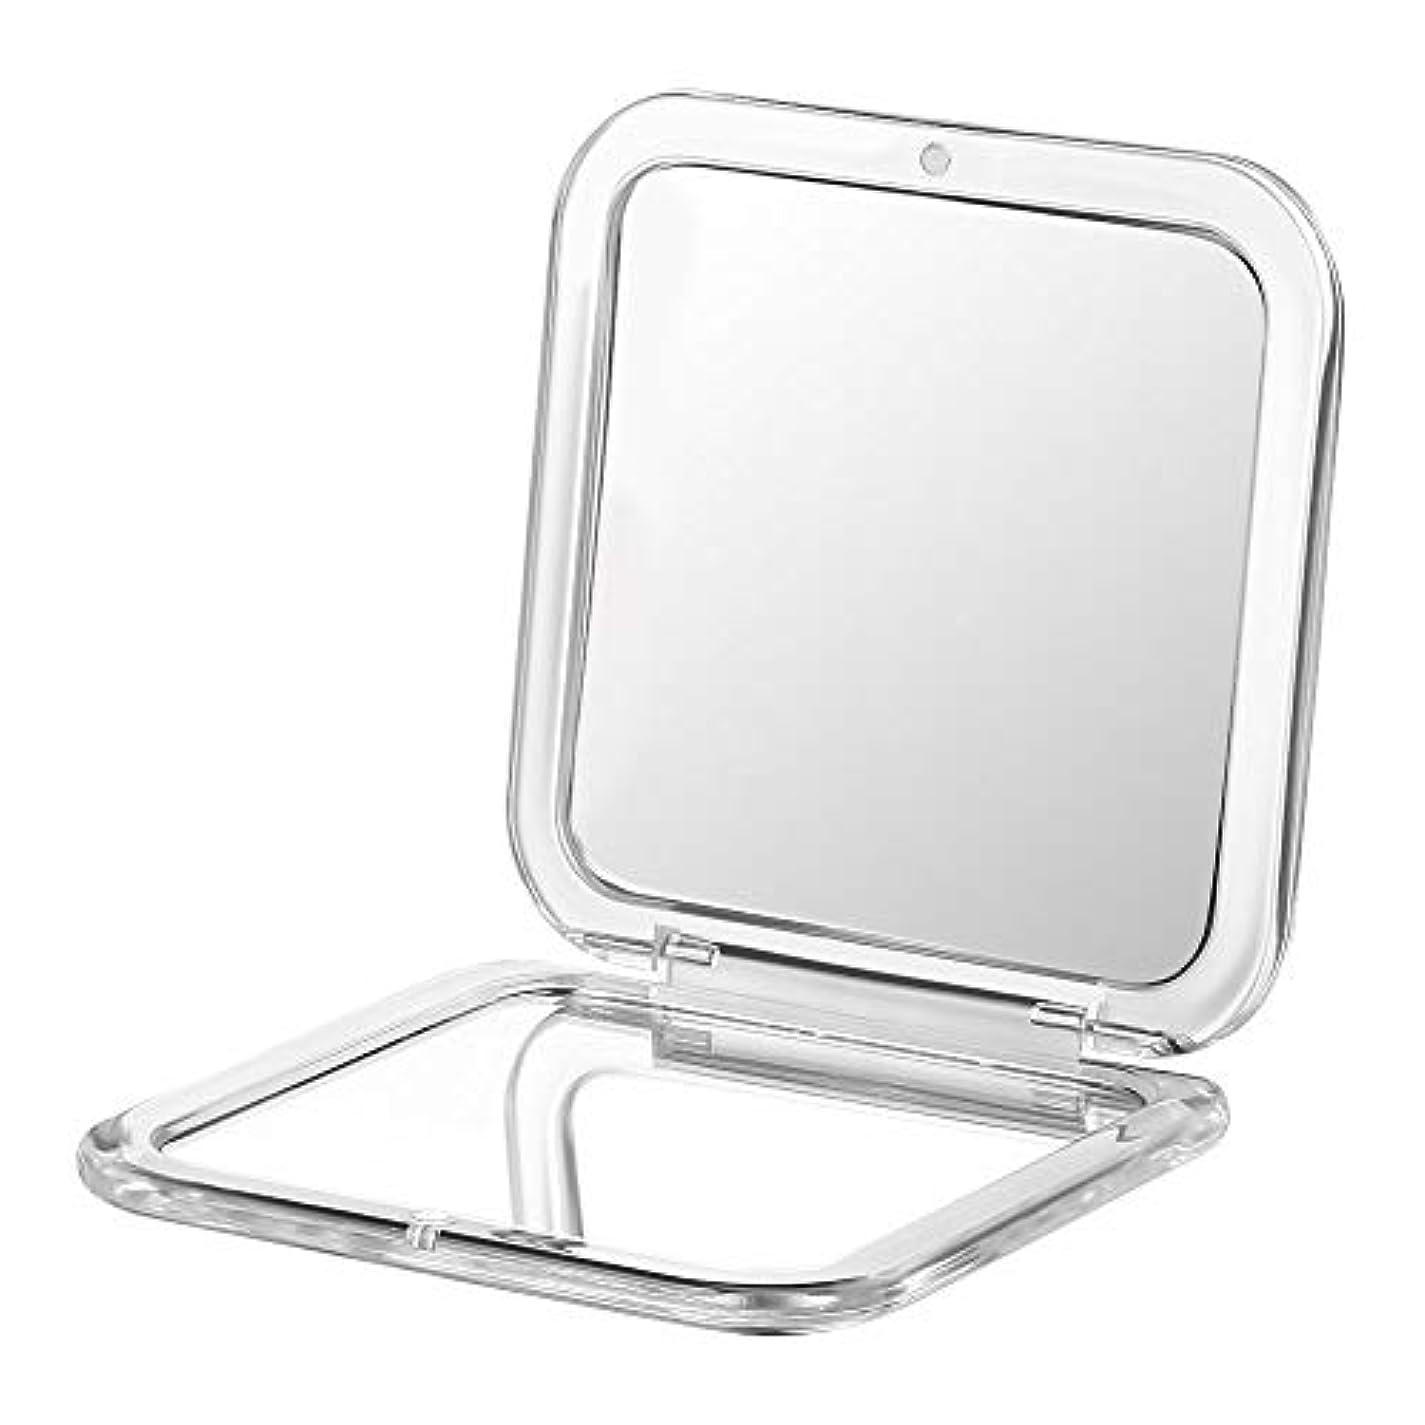 サイバースペース退屈な異議コンパクト鏡 拡大鏡 両面コンパクトミラー 卓上 10倍 化粧鏡